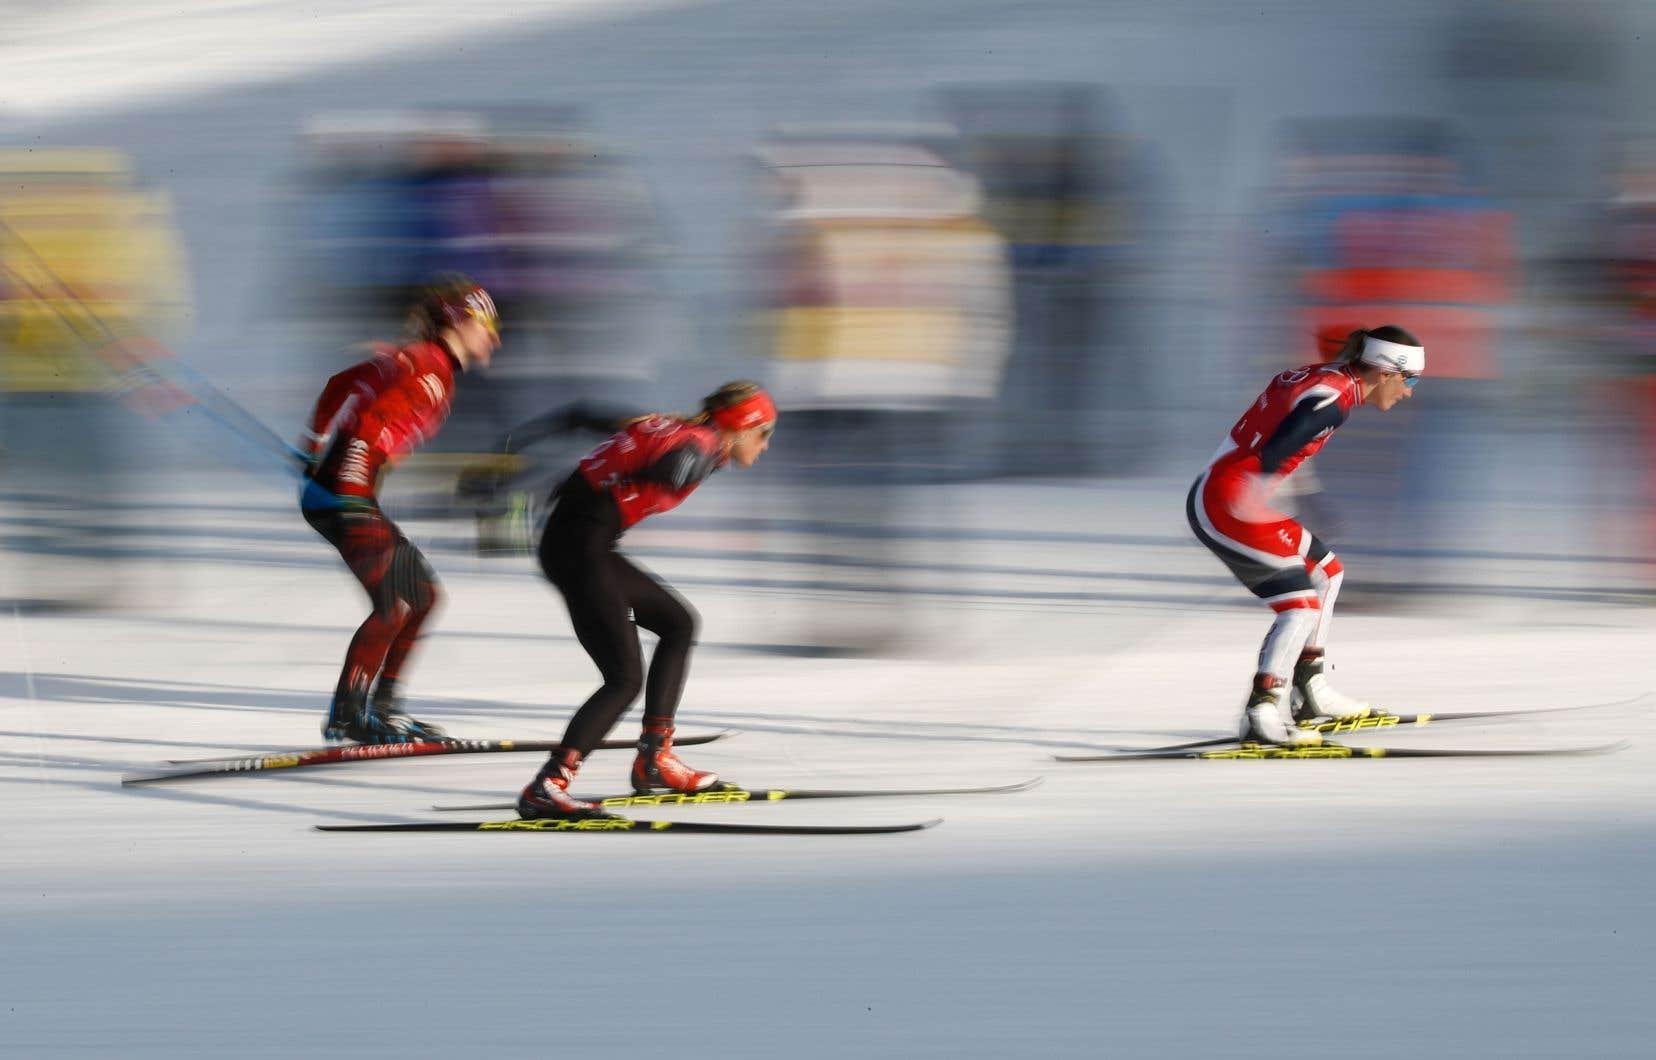 Marit Bjørgen (à droite) a aisément devancé ses compétitrices, lors de la demi-finale de sprint par équipes de cross-country féminin, à Pyeongchang, mercredi.